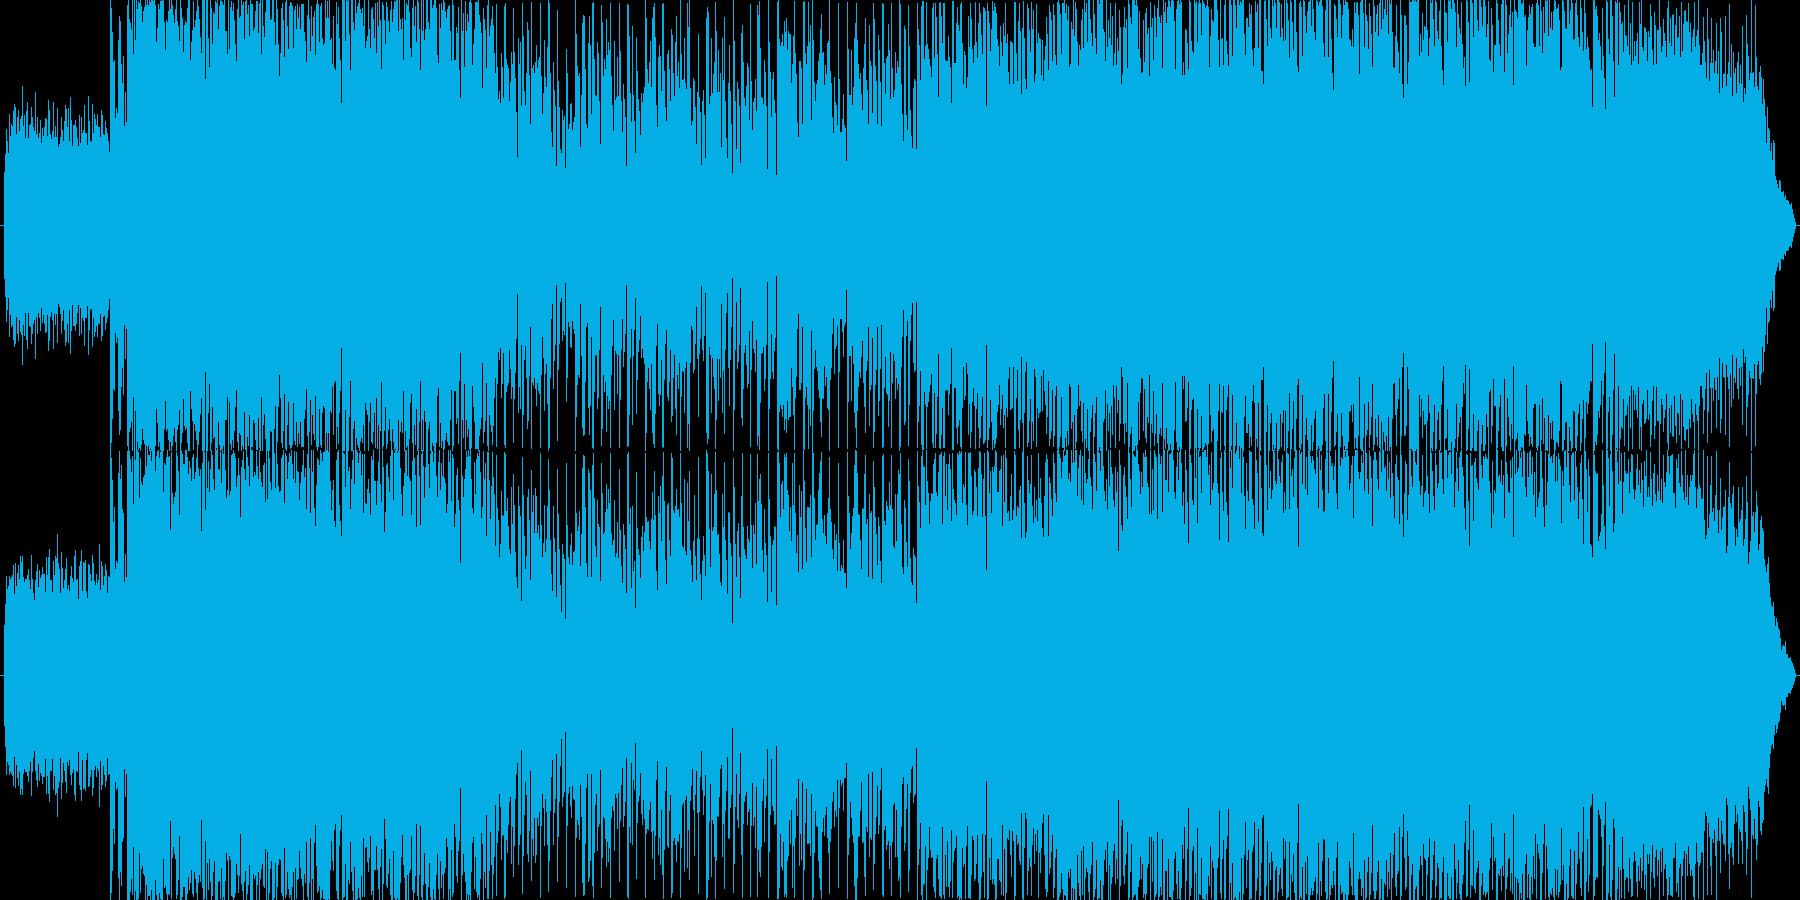 ポップでかわいいEDMの再生済みの波形